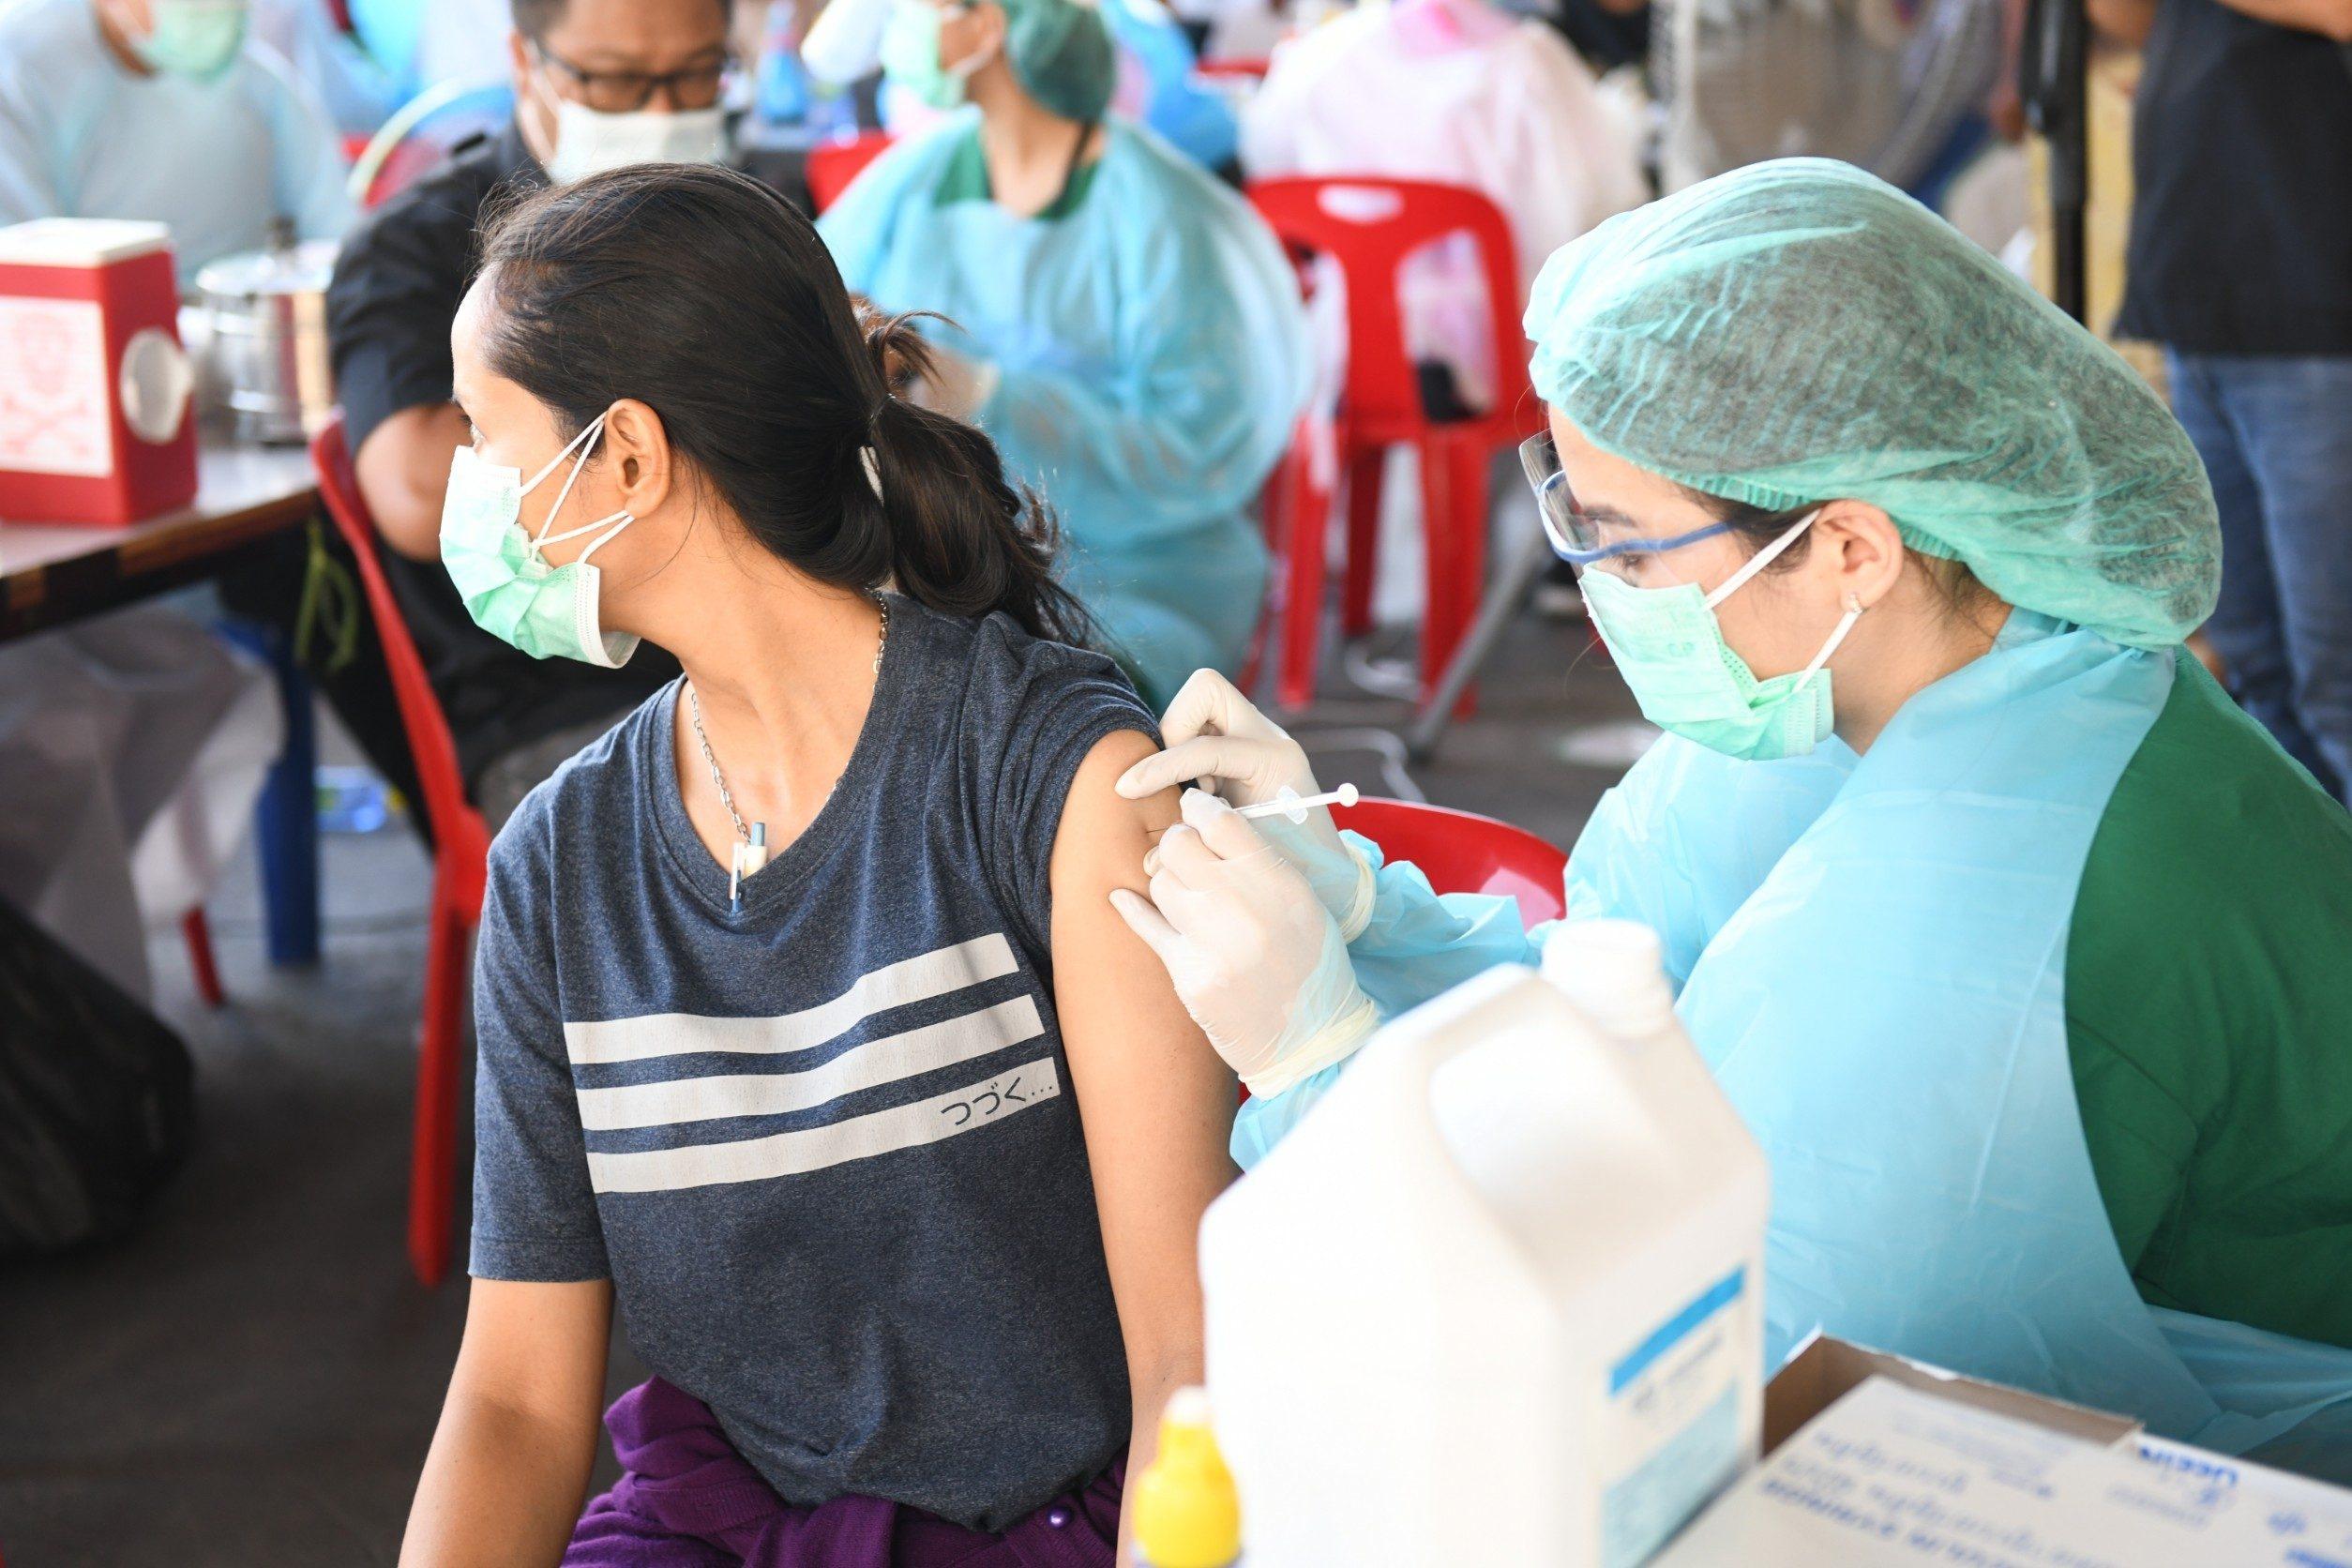 กทม.ระดมฉีดวัคซีนโควิดย่านคลองเตย-ปทุมวัน แล้วกว่า 3 หมื่นคน